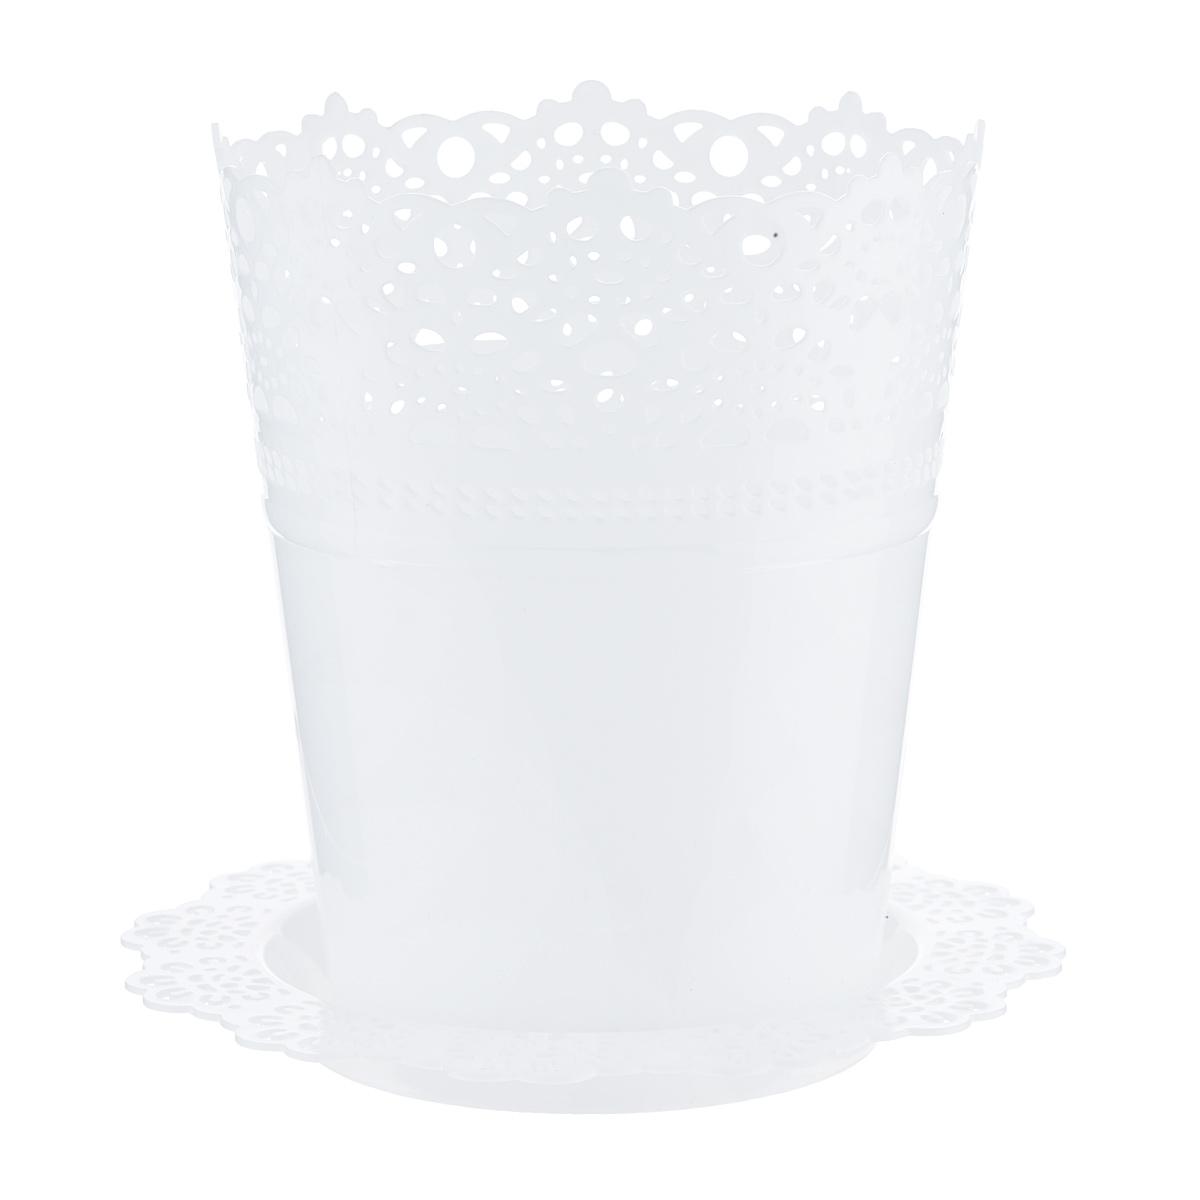 Кашпо Idea Ажур, с подставкой, цвет: белый, диаметр 15 см790009Кашпо Idea Ажур изготовлено из полипропилена (пластика). Специальная подставка предназначена для стока воды. Верх изделия и подставка оформлены перфорацией, напоминающей кружево. Изделие прекрасно подходит для выращивания растений и цветов в домашних условиях. Диаметр подставки: 19 см.